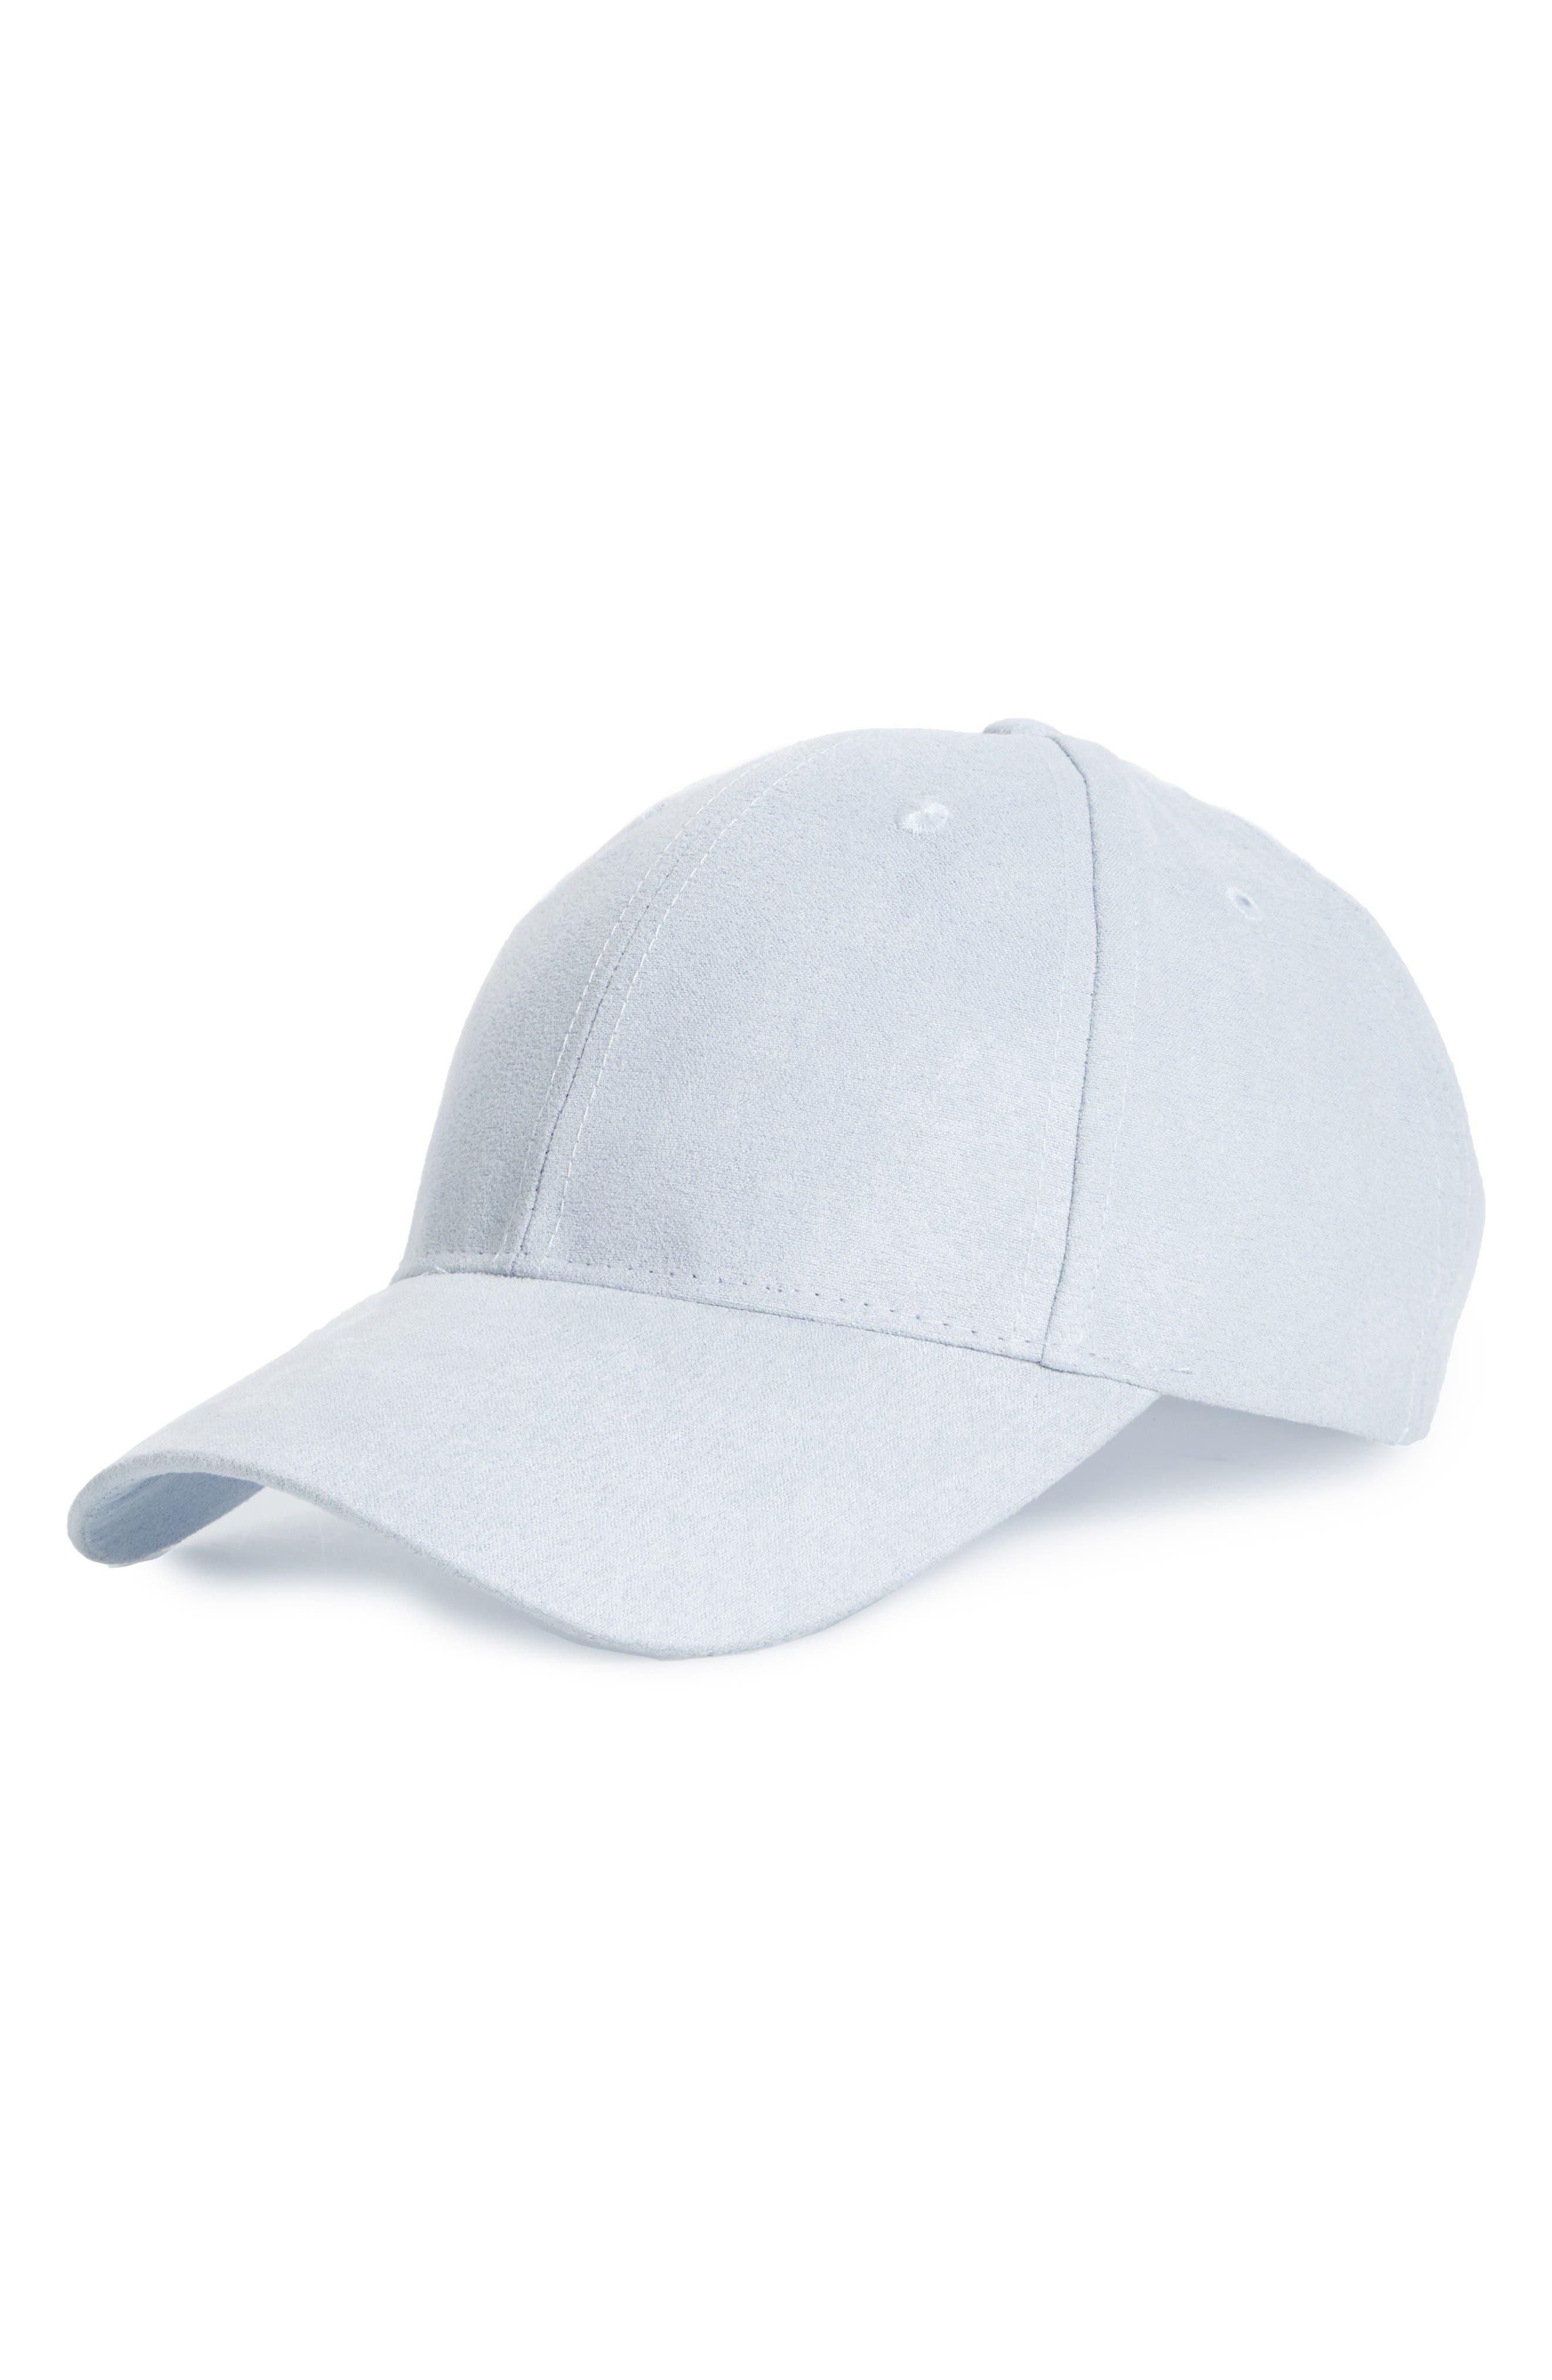 Alternate Image 1 Selected - BP. Faux Suede Baseball Cap